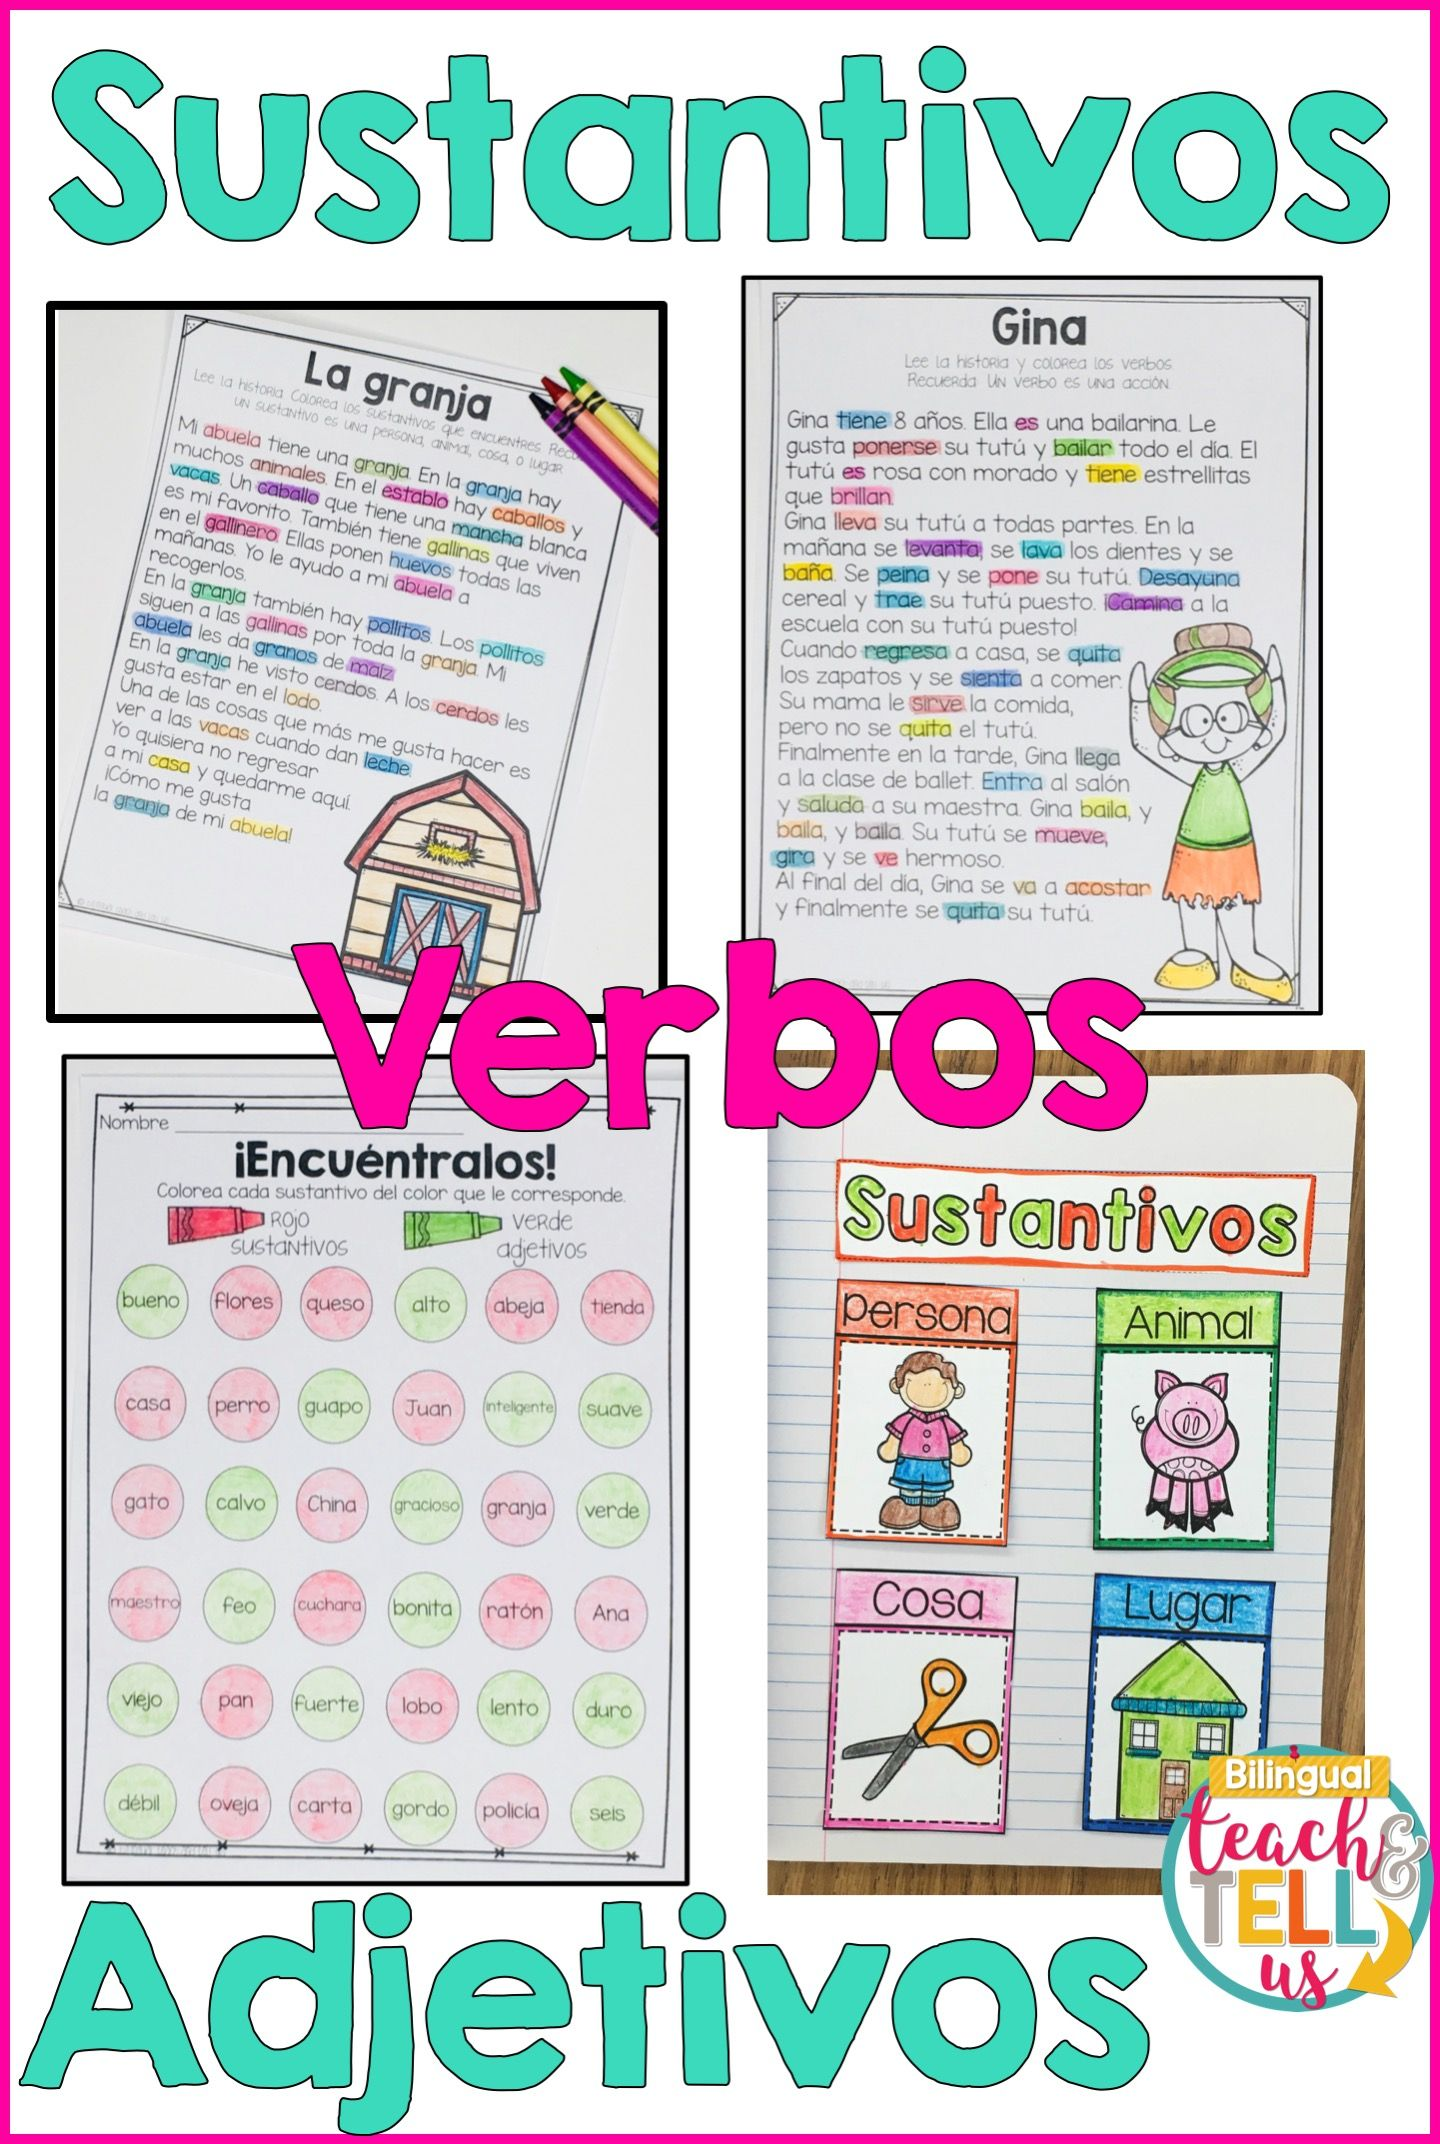 Sustantivos Verbos Adjetivos Bundle Nouns Verbs